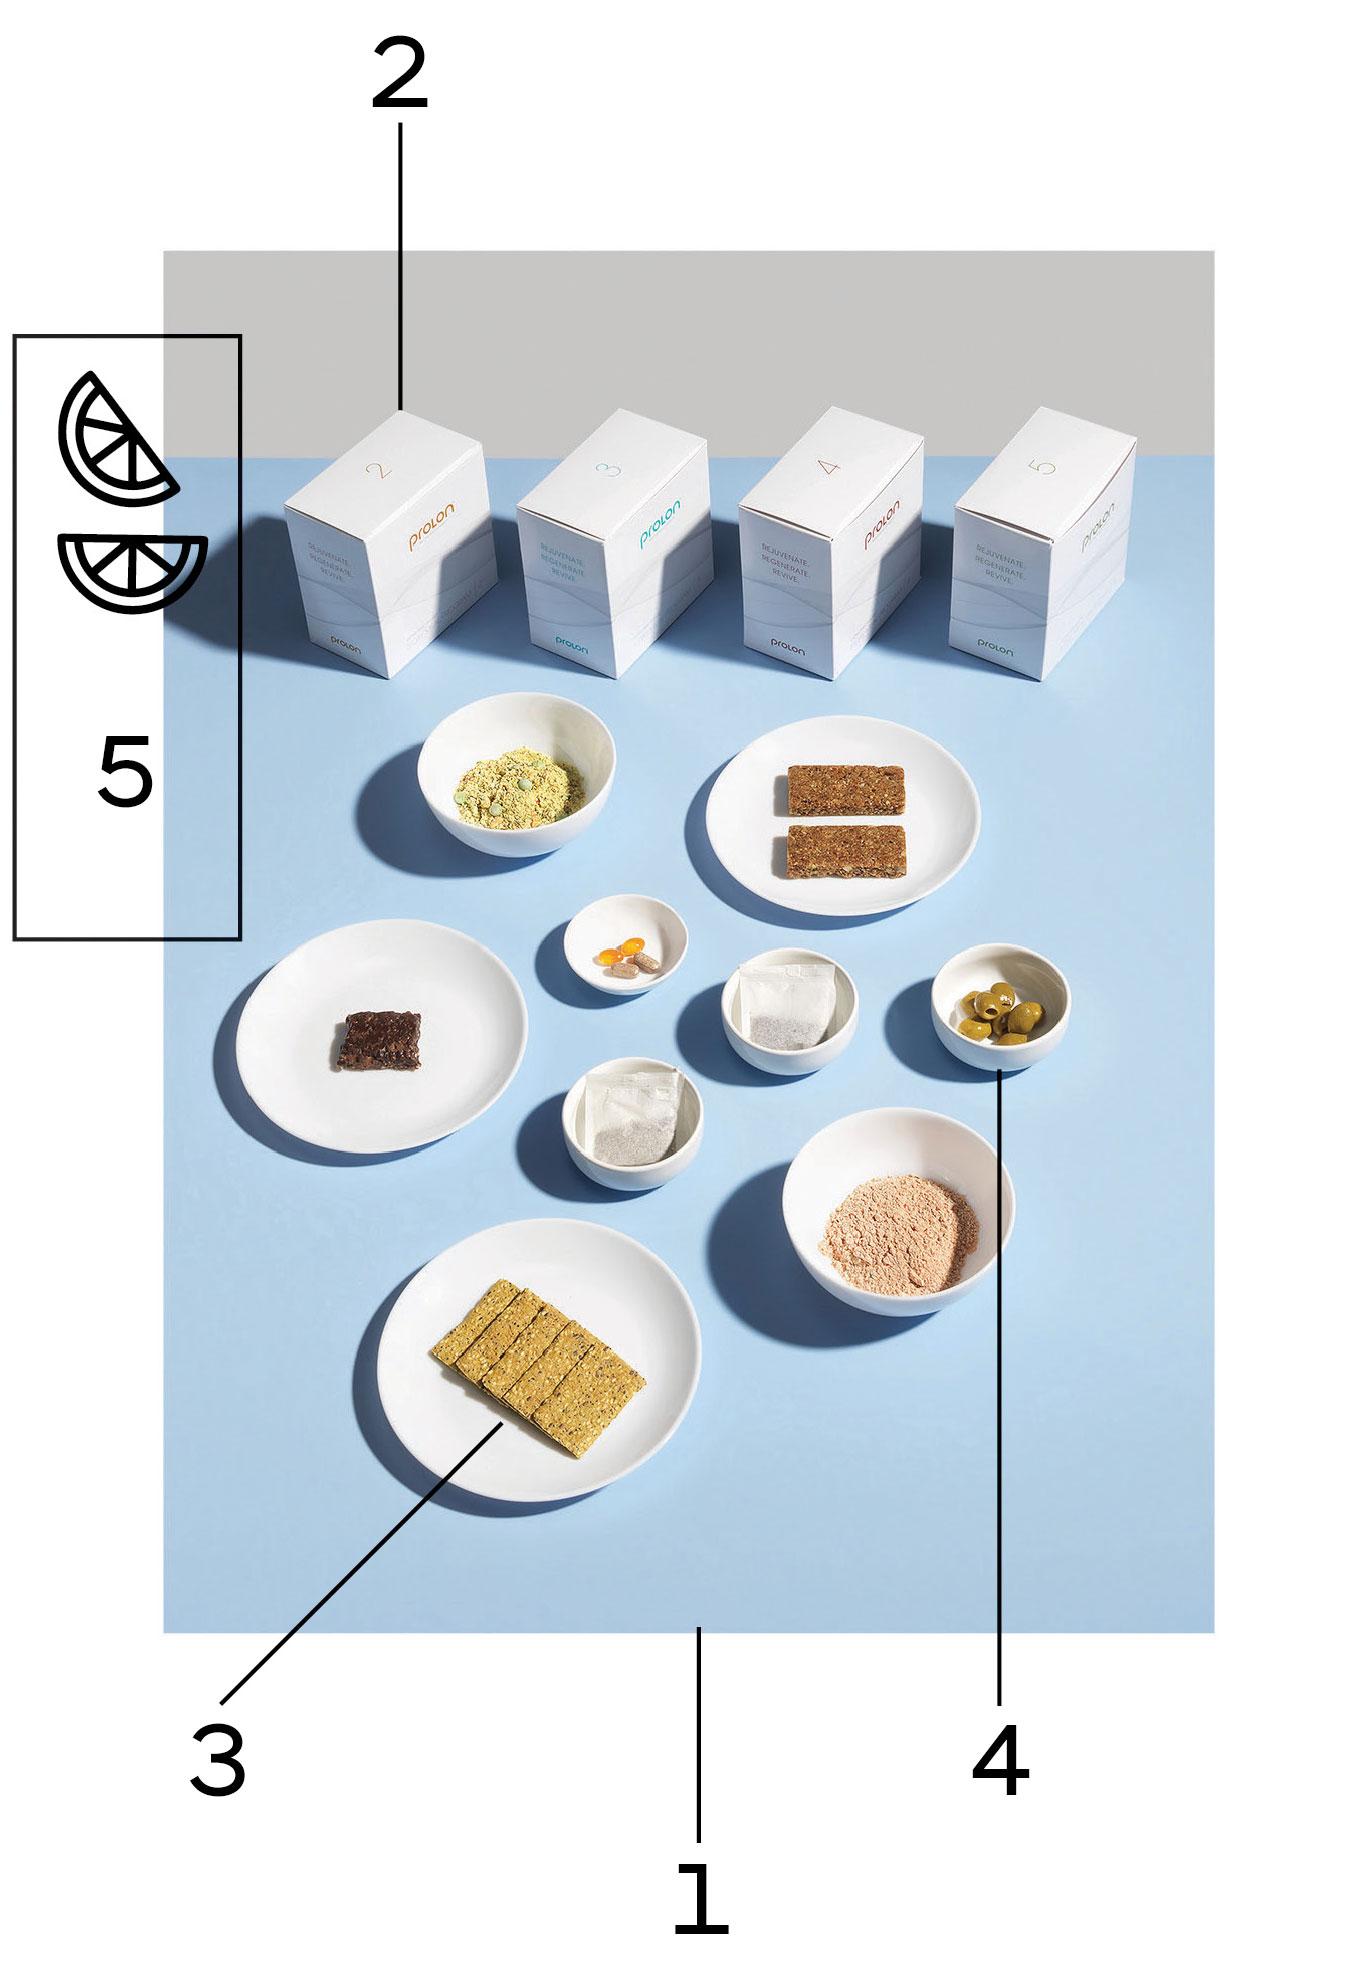 Un kit de comida Prolon viene en un recipiente de cartón blanco un poco más grande que una caja de zapatos. Dentro hay una tarjeta del programa de comidas que detalla el menú, una gran botella de agua vacía y cinco cajas de cartón más pequeñas, cada una etiquetada con el día correspondiente. <br> <br> <br> 1. La dieta engaña a su cuerpo al modo de hambre, pero trata de hacerlo tolerable. <br> <br> 2. Cada día de comida viene en su propia caja de cartón angustiosamente pequeña. <br> <br> 3. Las galletas de col rizada eran las favoritas del autor. <br> <br> 4. Prolon es grande en aceitunas de Sevilla, que saben muy bien pero no son muy abundantes. <br> <br> 5. Se le permite agregar limón para mejorar el sabor si es necesario. <br> <br>